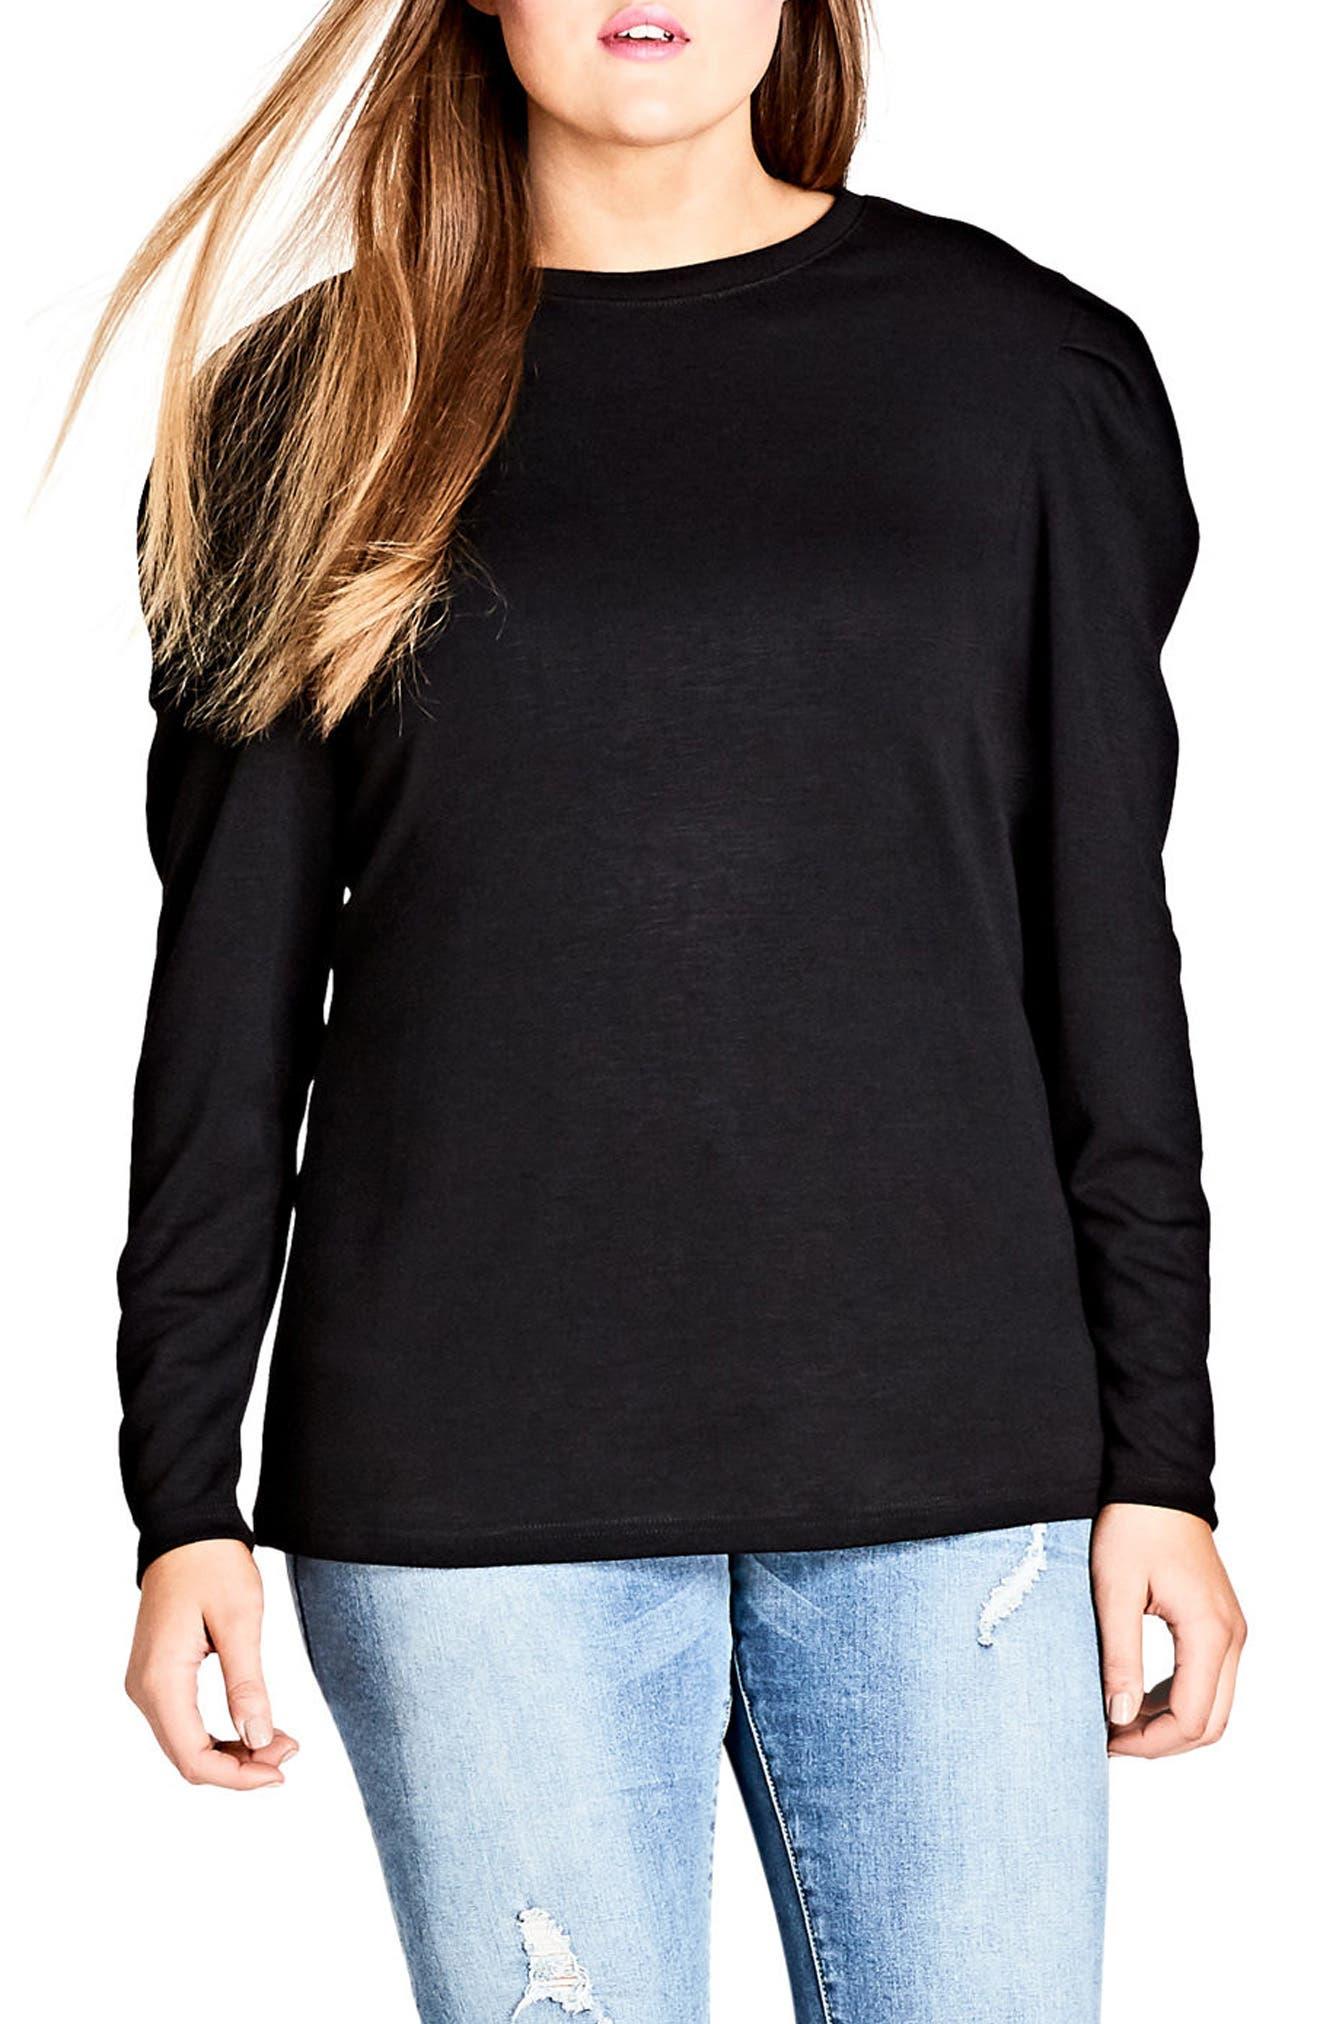 Main Image - City Chic Fancy Shoulder Fleece Knit Top (Plus Size)